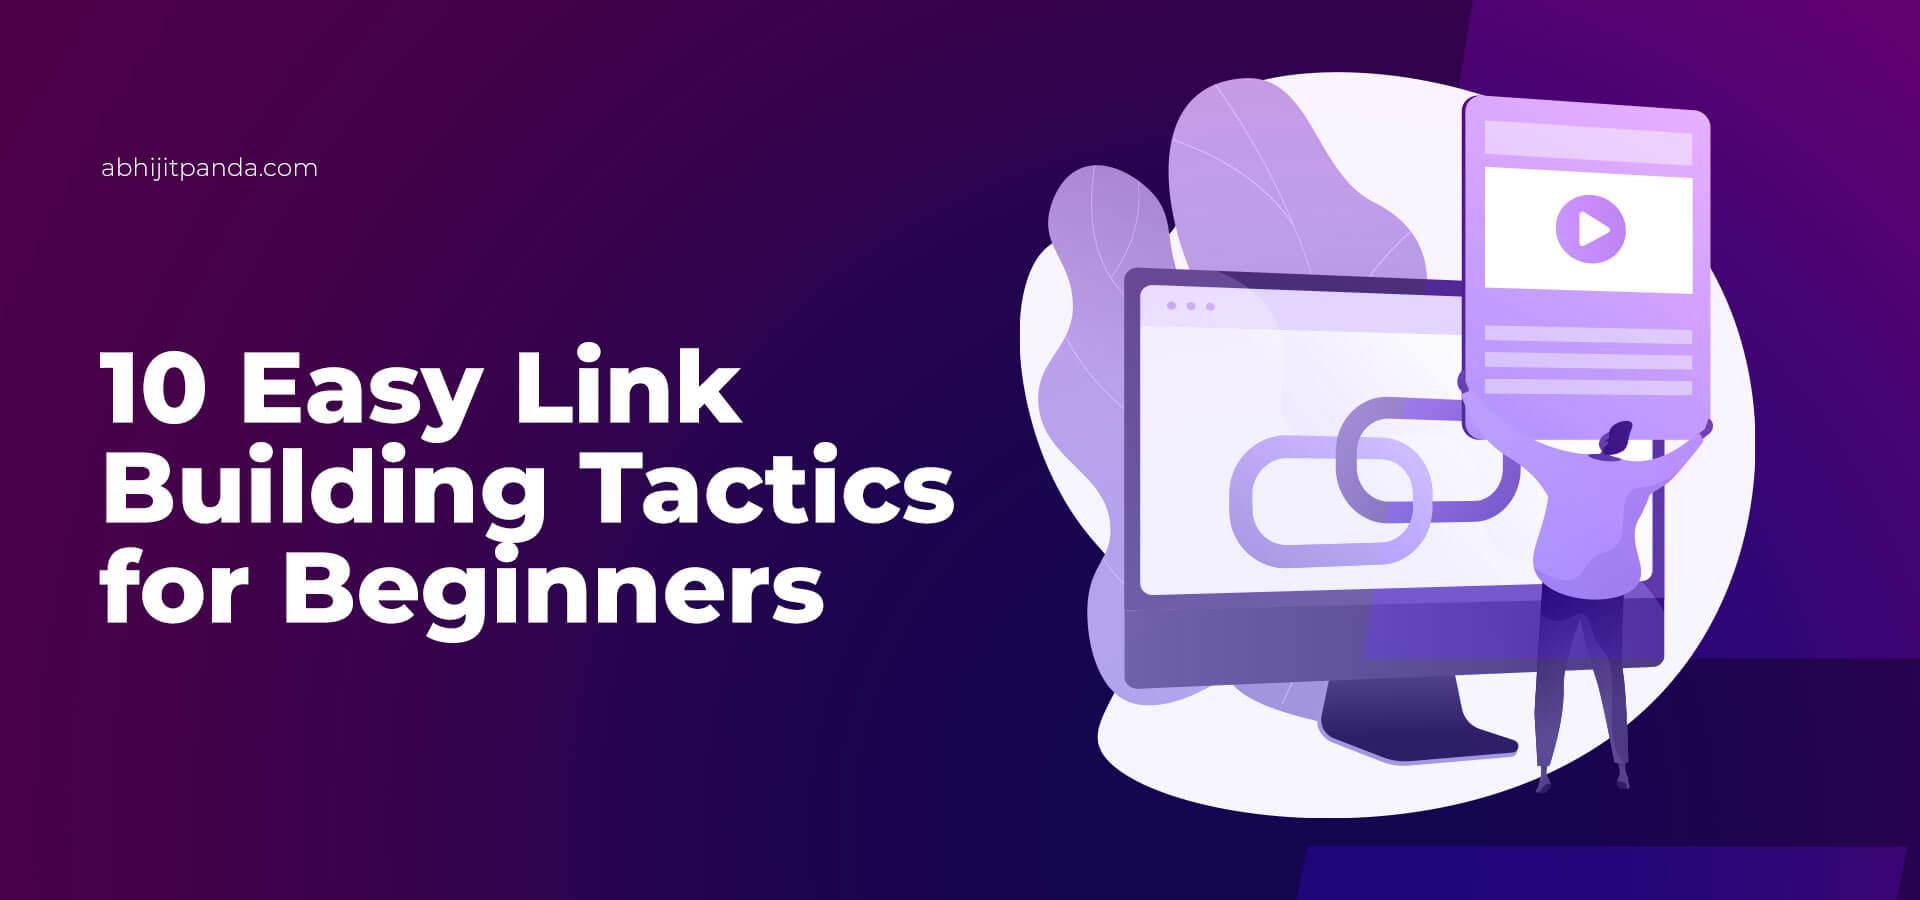 Link Building Tactics for Beginners